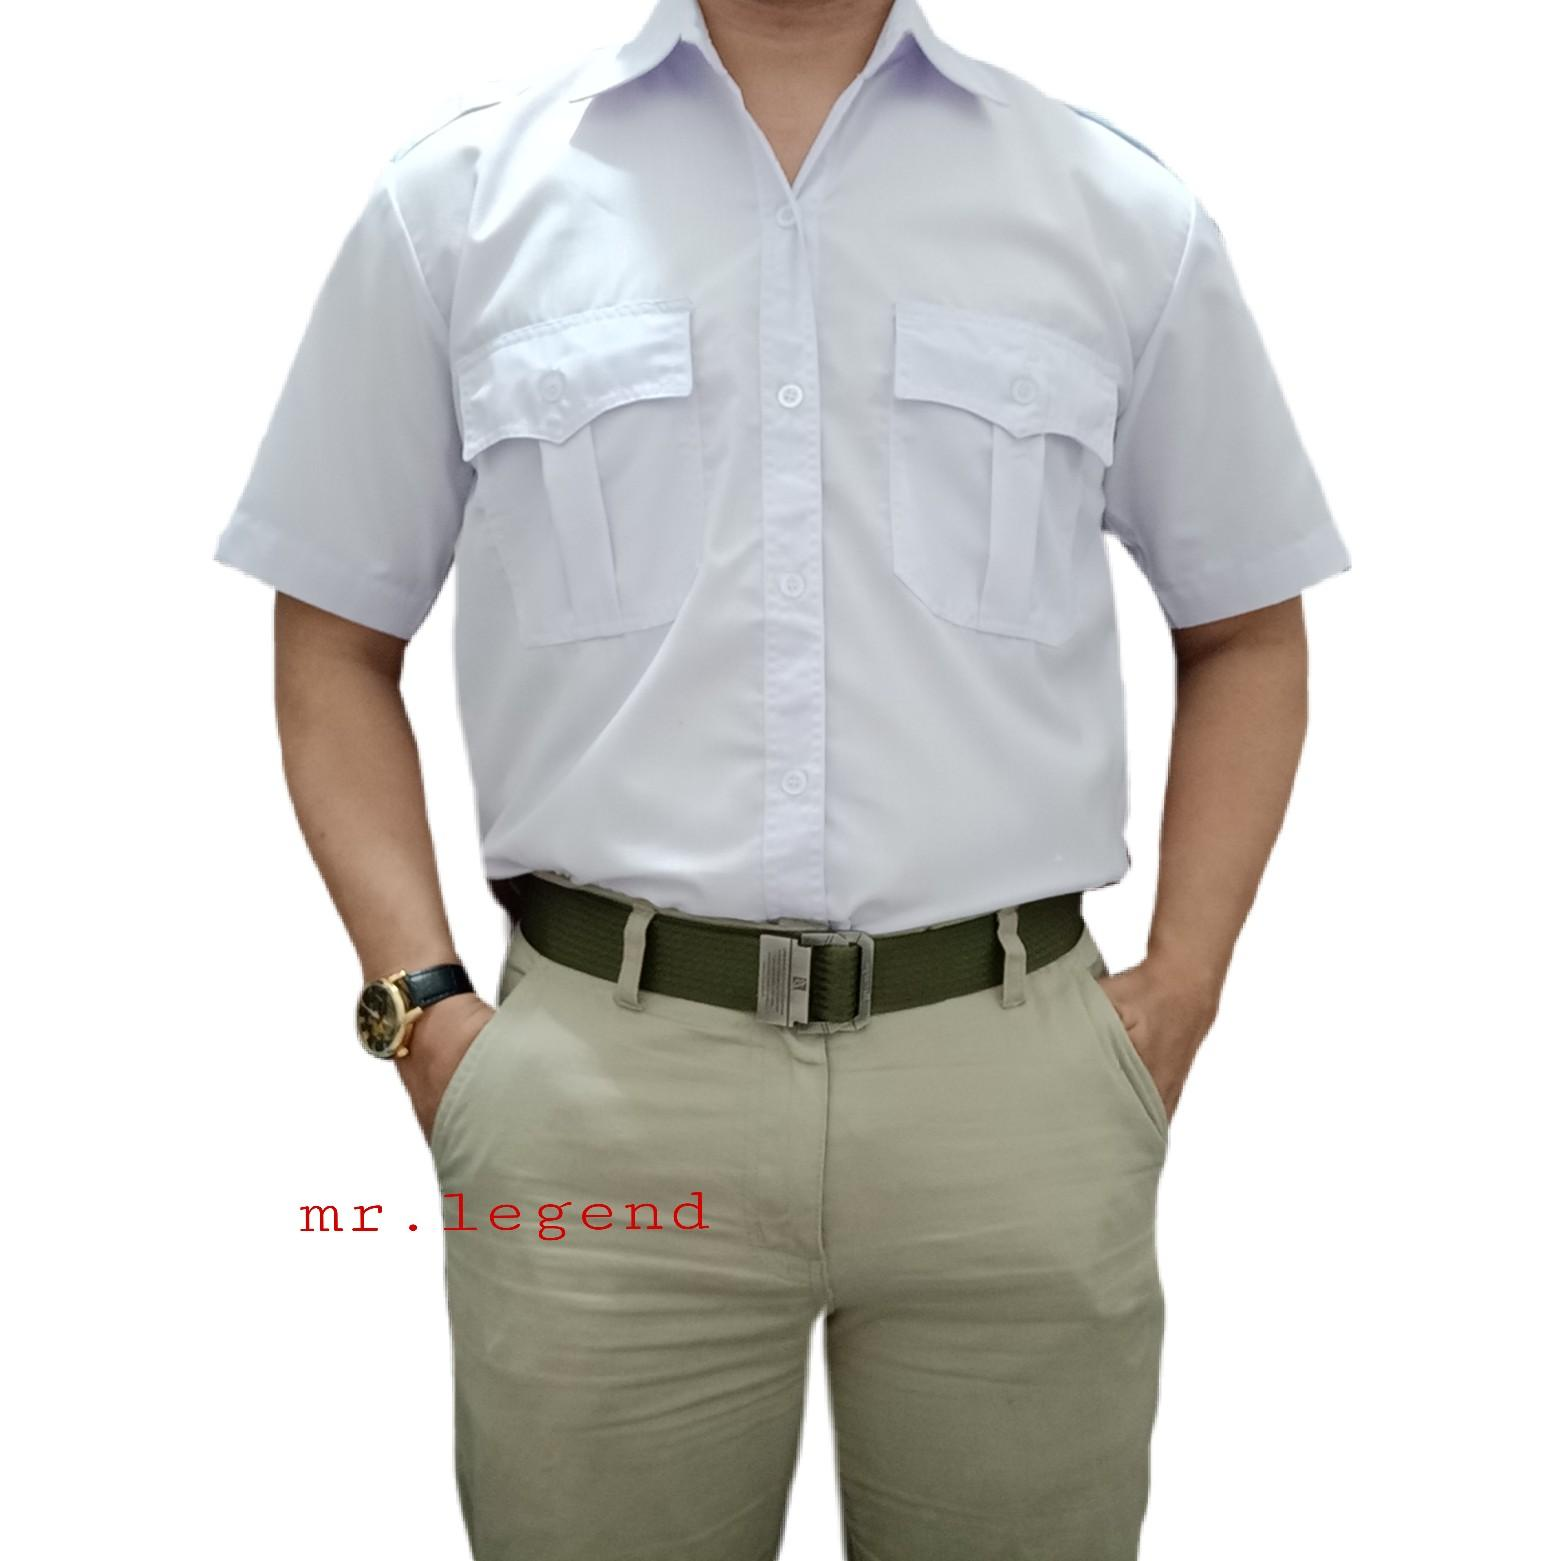 Seragam Kemeja Baju Kerja Kombinasi Batik Formal Pns Putih Pdh